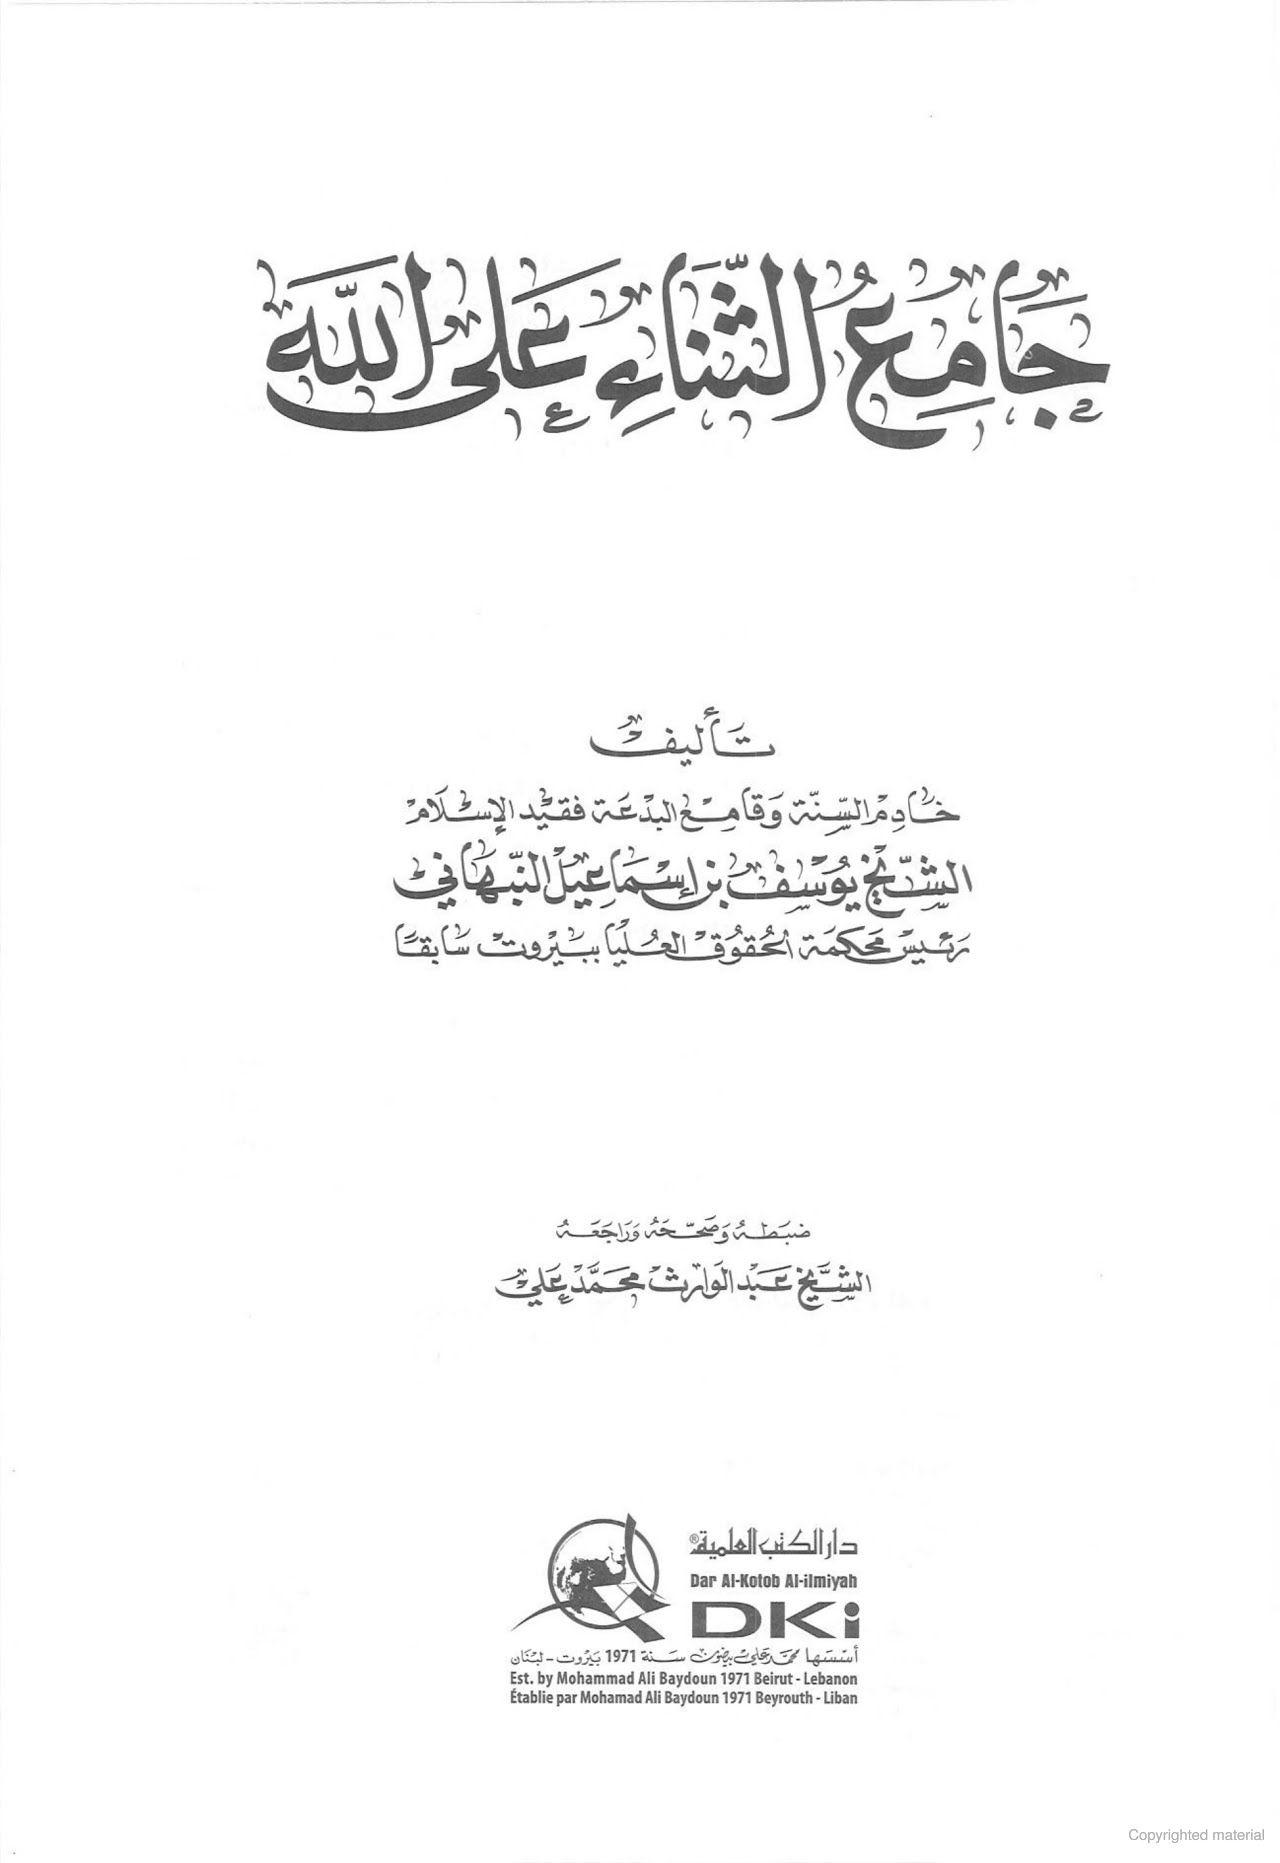 جامع الثناء على الله يوسف بن إسماعيل النبهاني Google Books Pdf Books Download Free Books Download Pdf Books